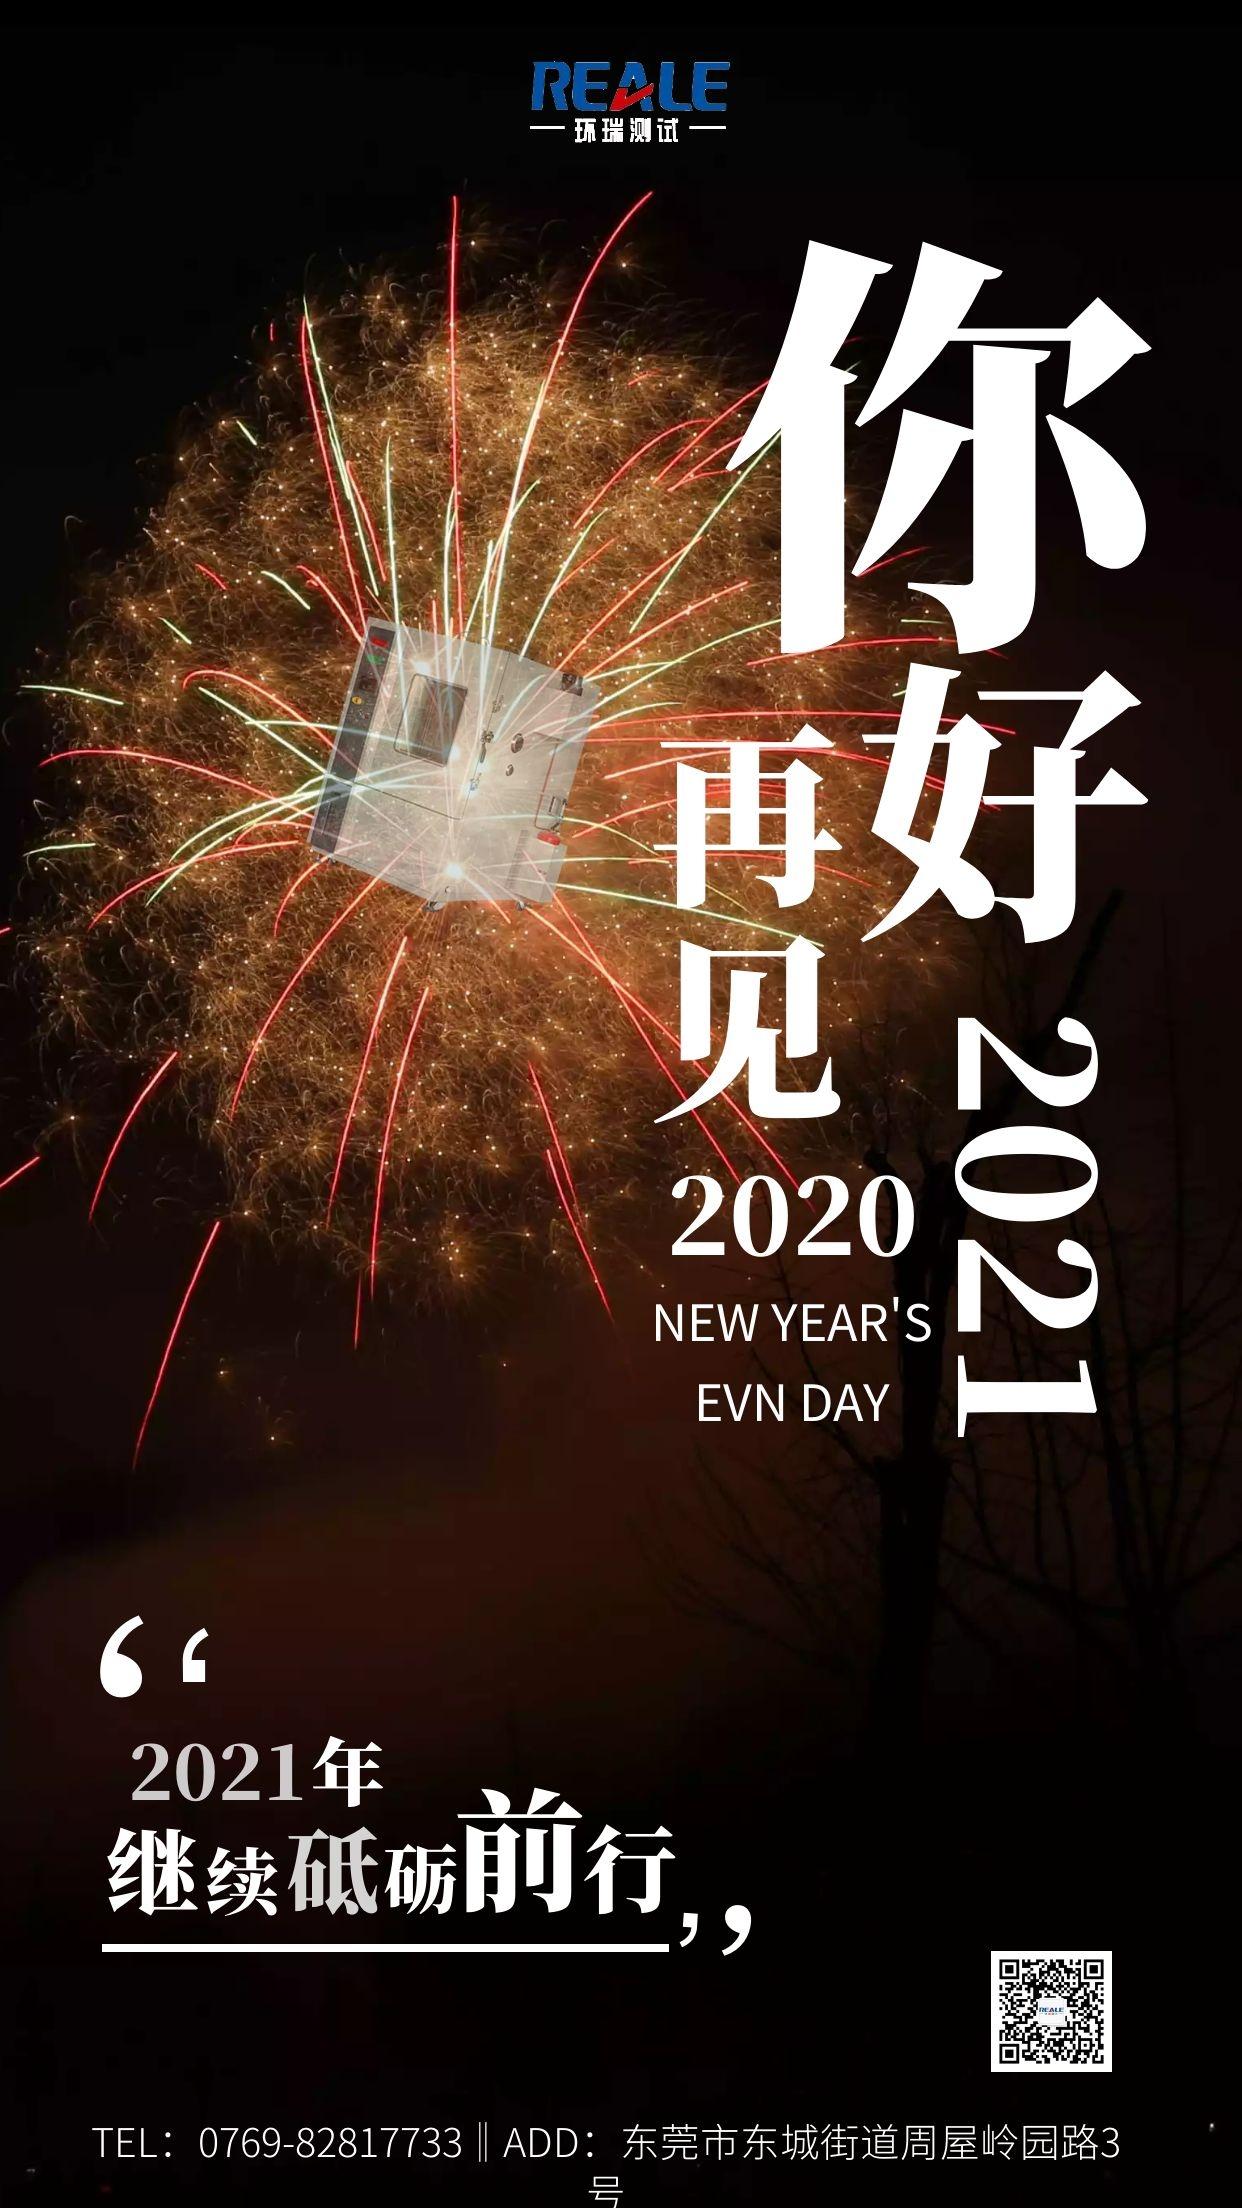 2020年再见,2021年你好!